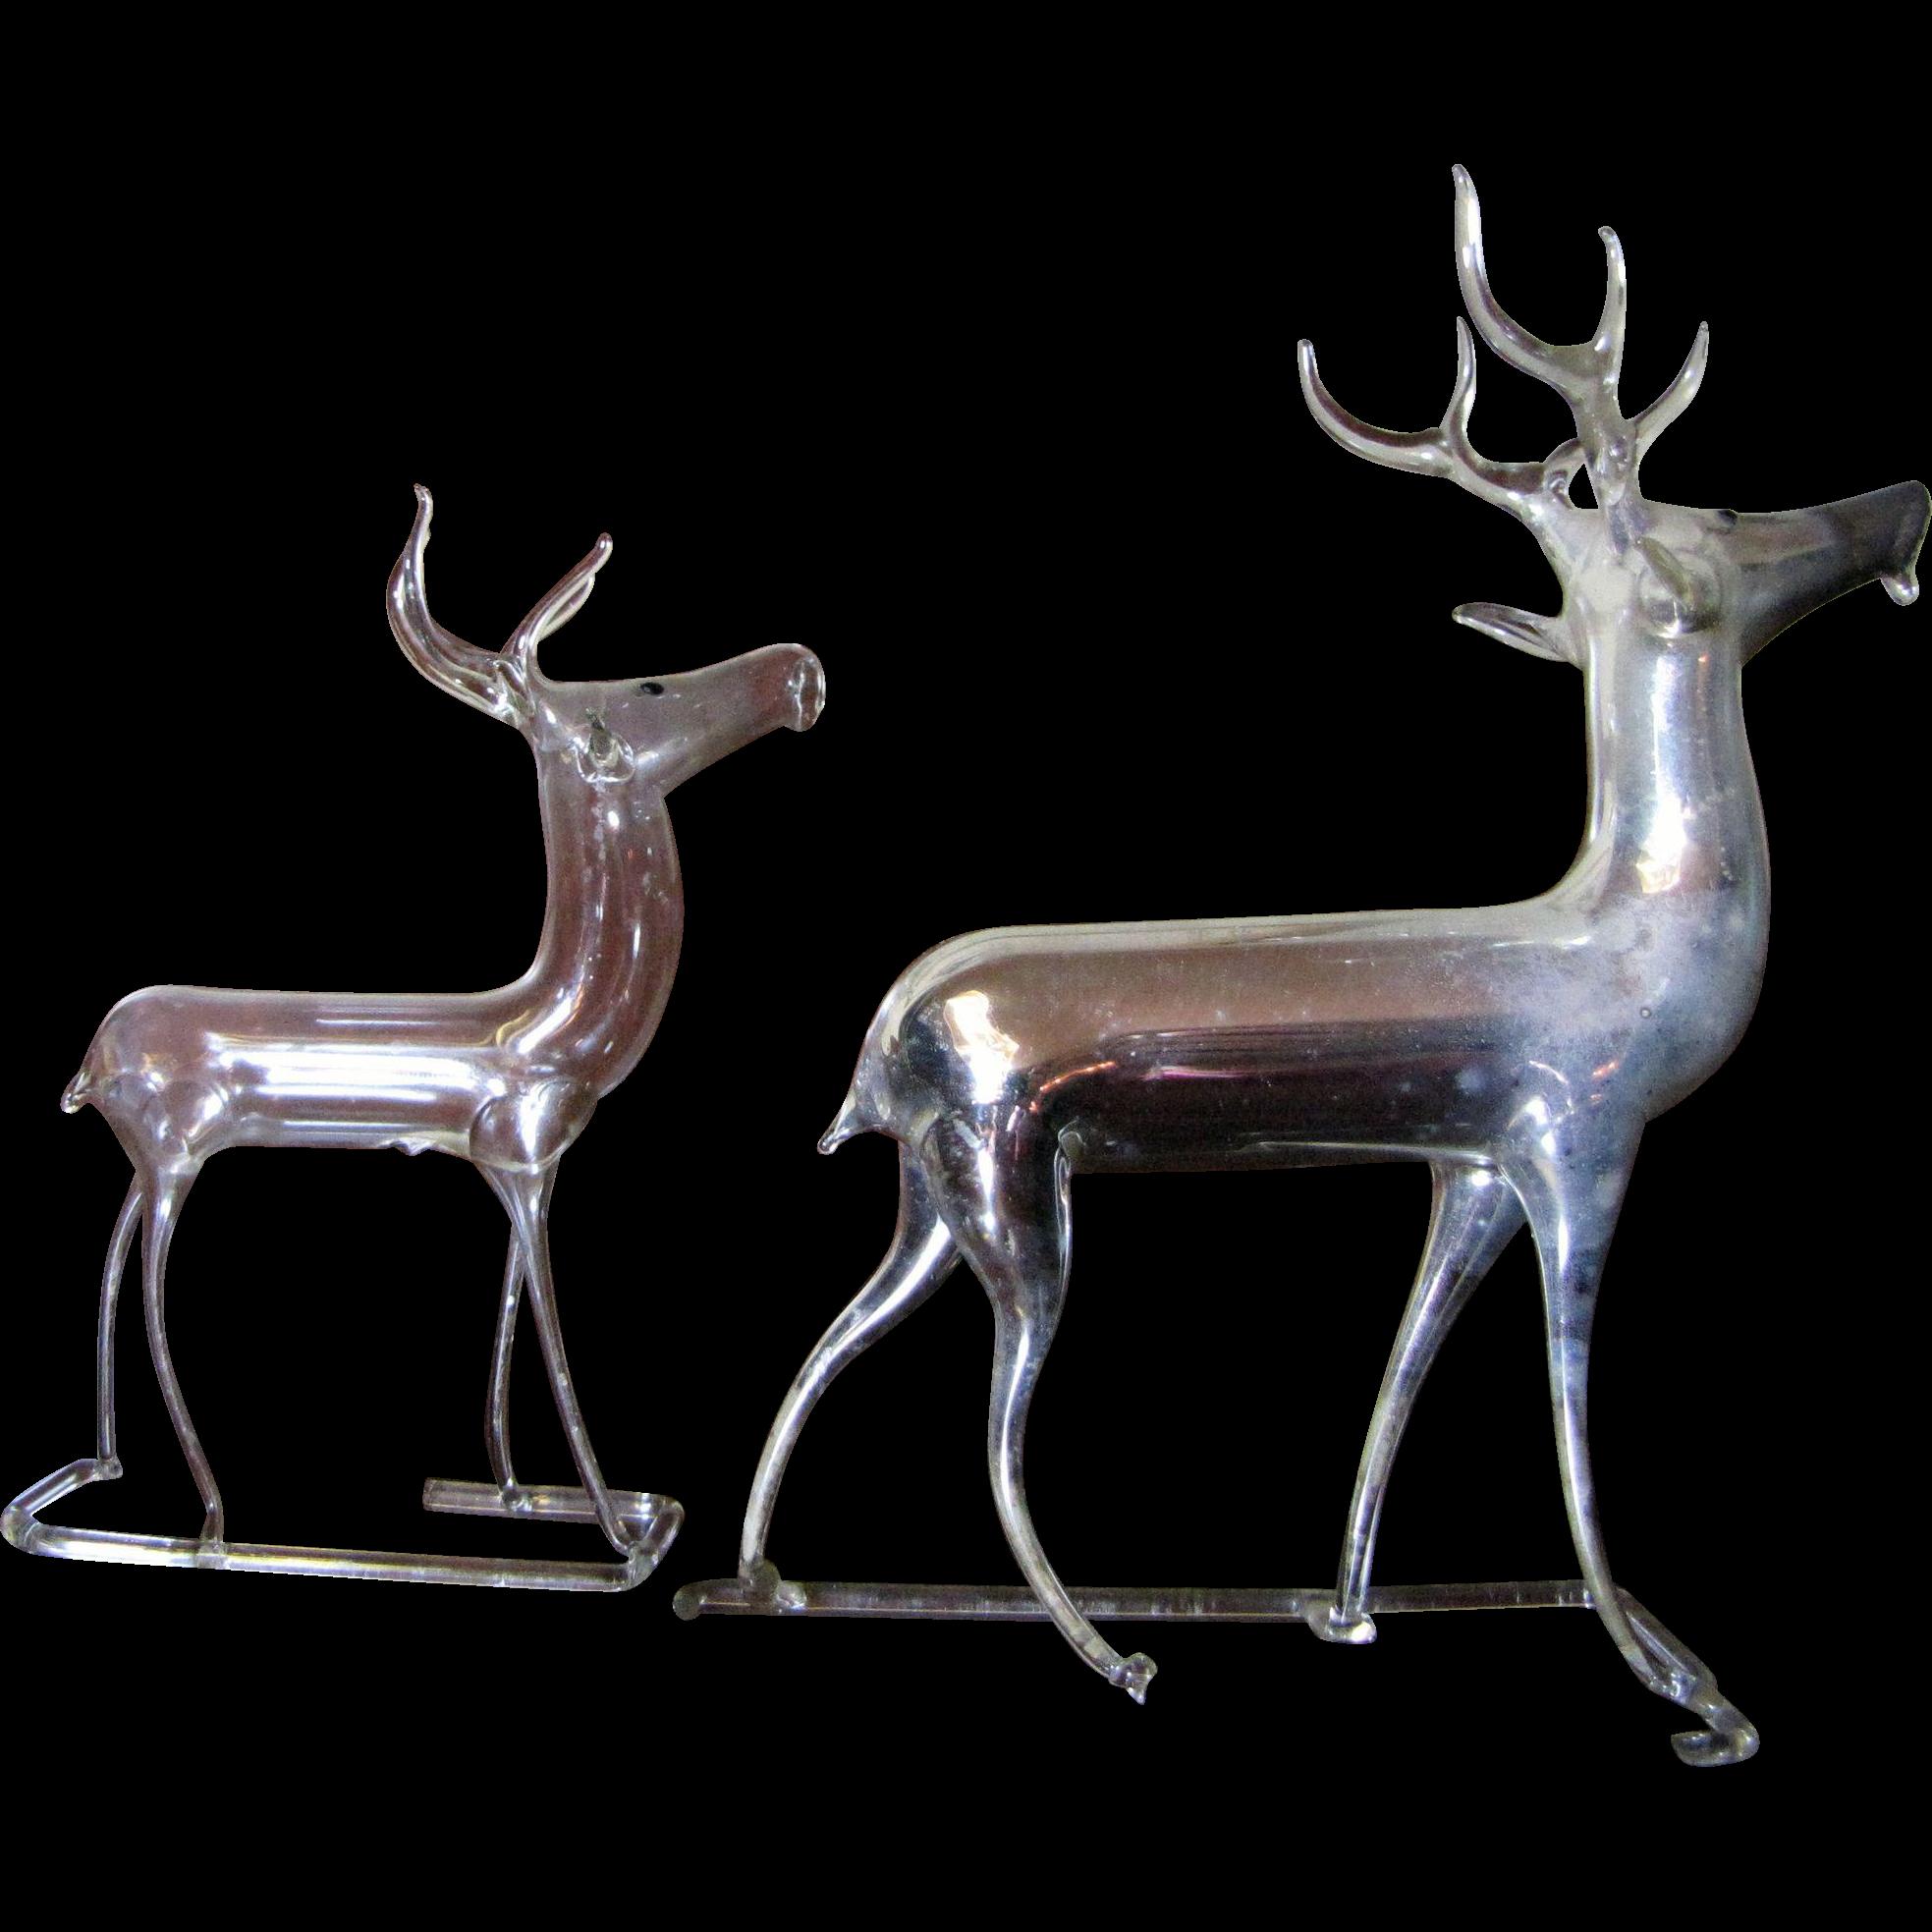 2 Vintage German Mercury Glass Christmas Reindeer Ornaments : Fay ...